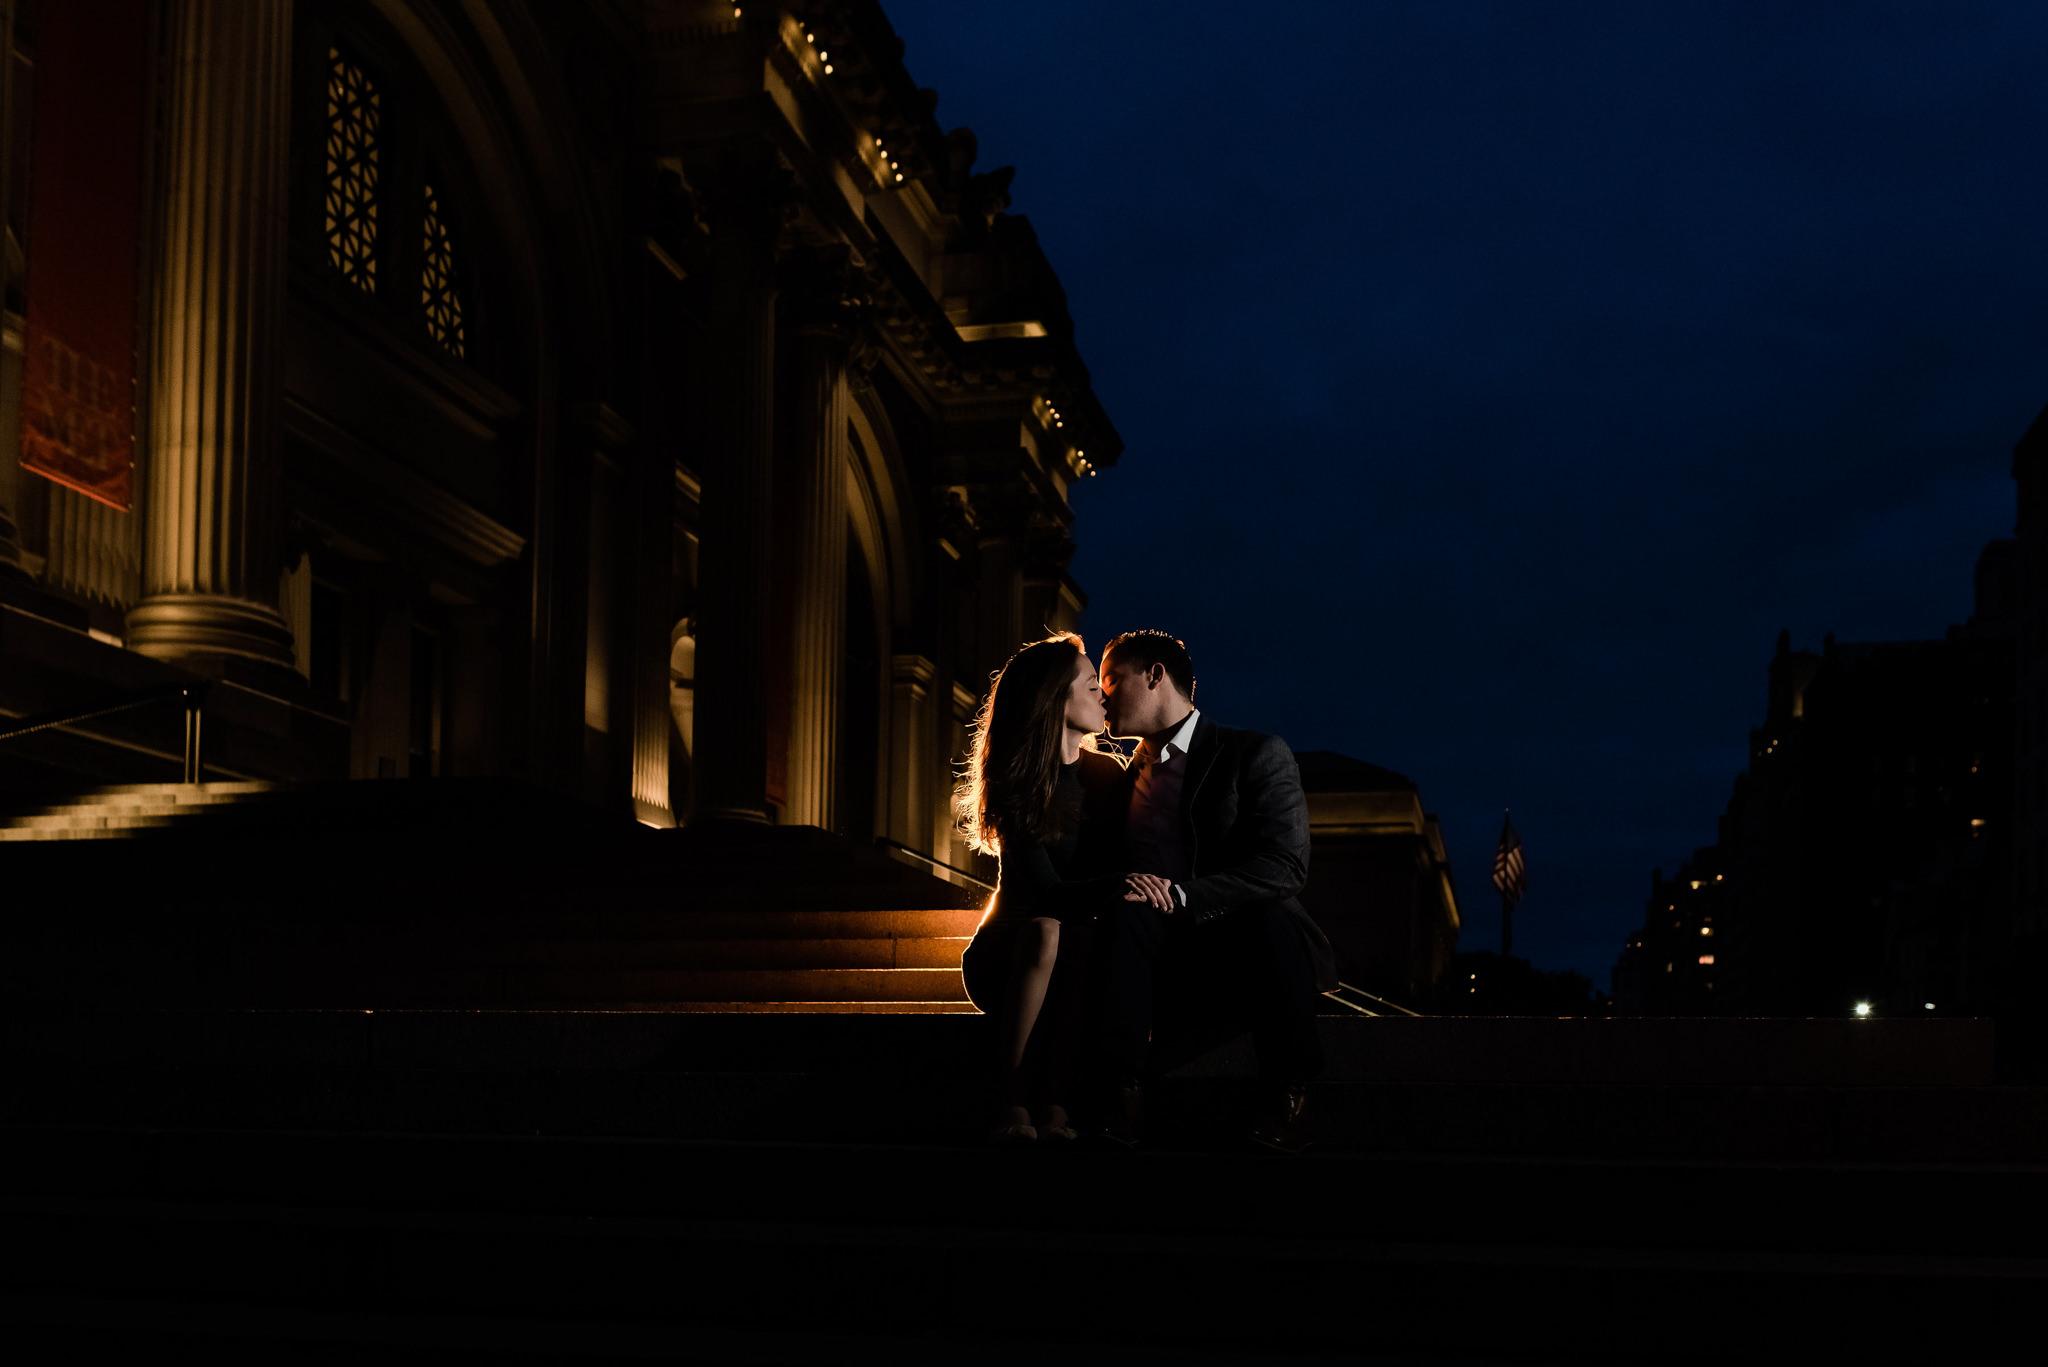 NEW_JERSEY_WEDDING_PHOTOGRAPHER_ARMZ_Z75_1688.jpg